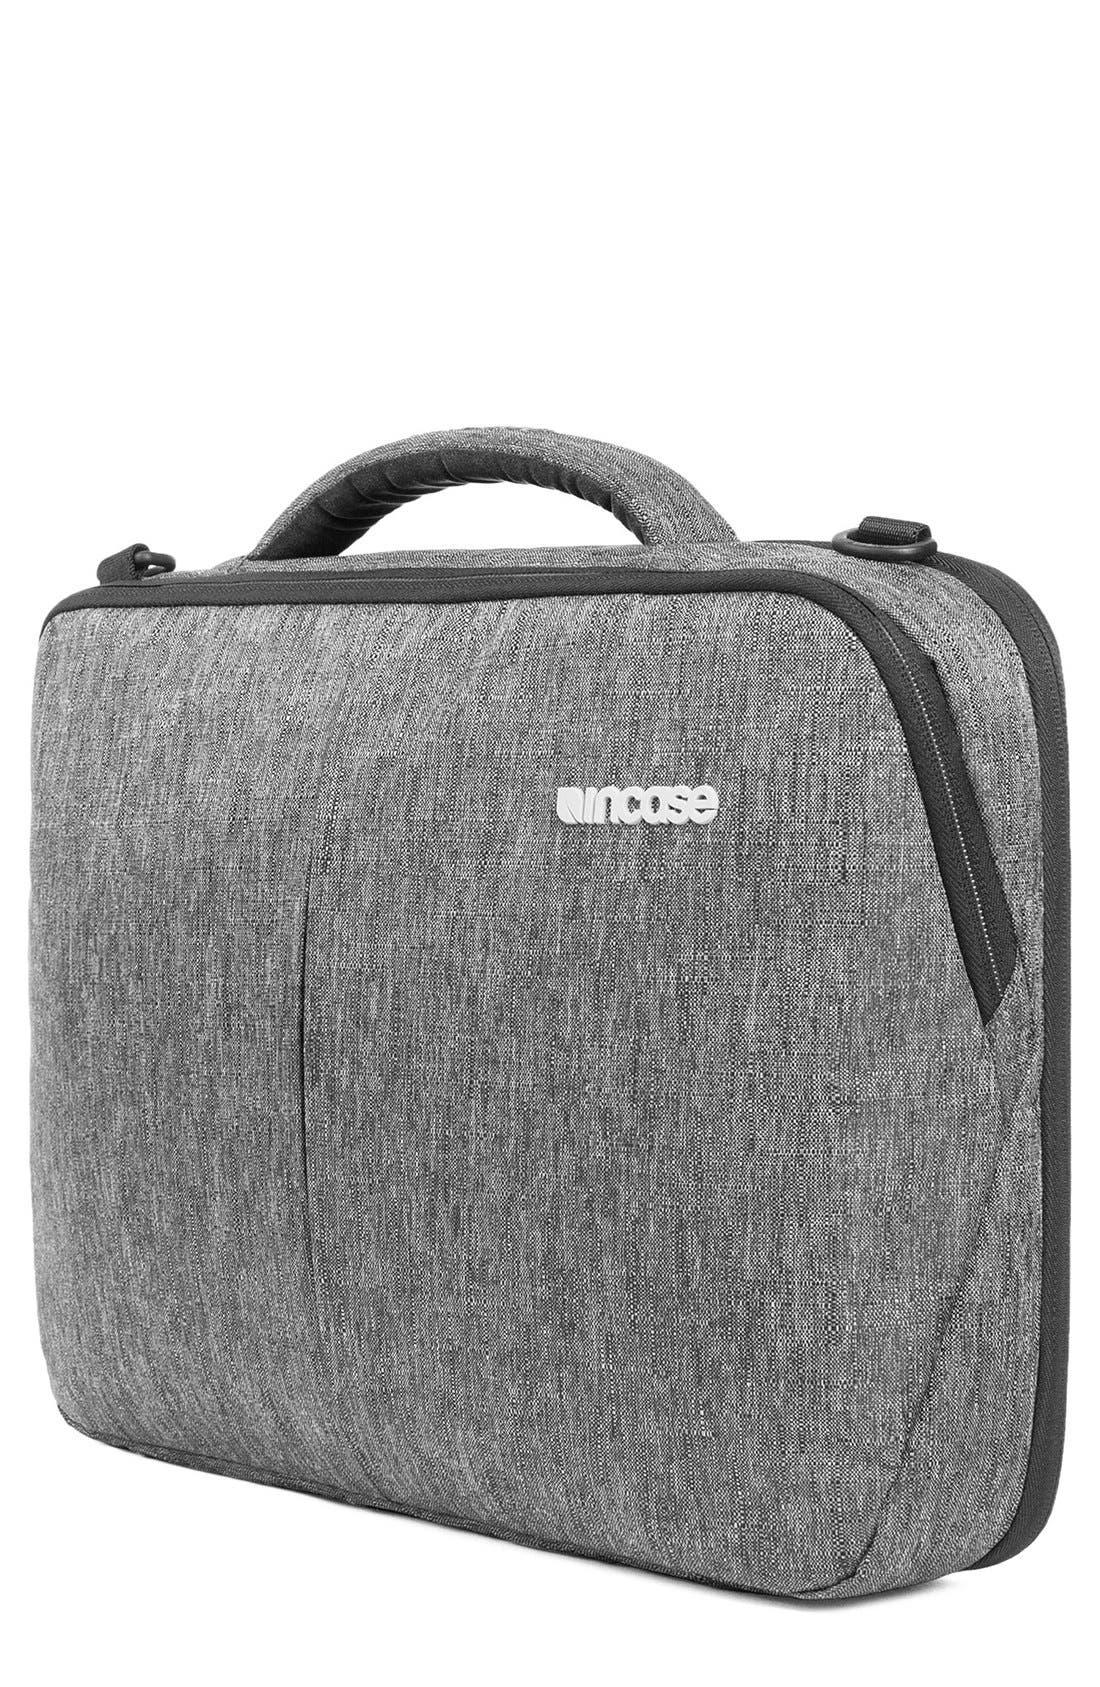 """Incase Designs 'Reform' 13"""" Laptop Briefcase"""